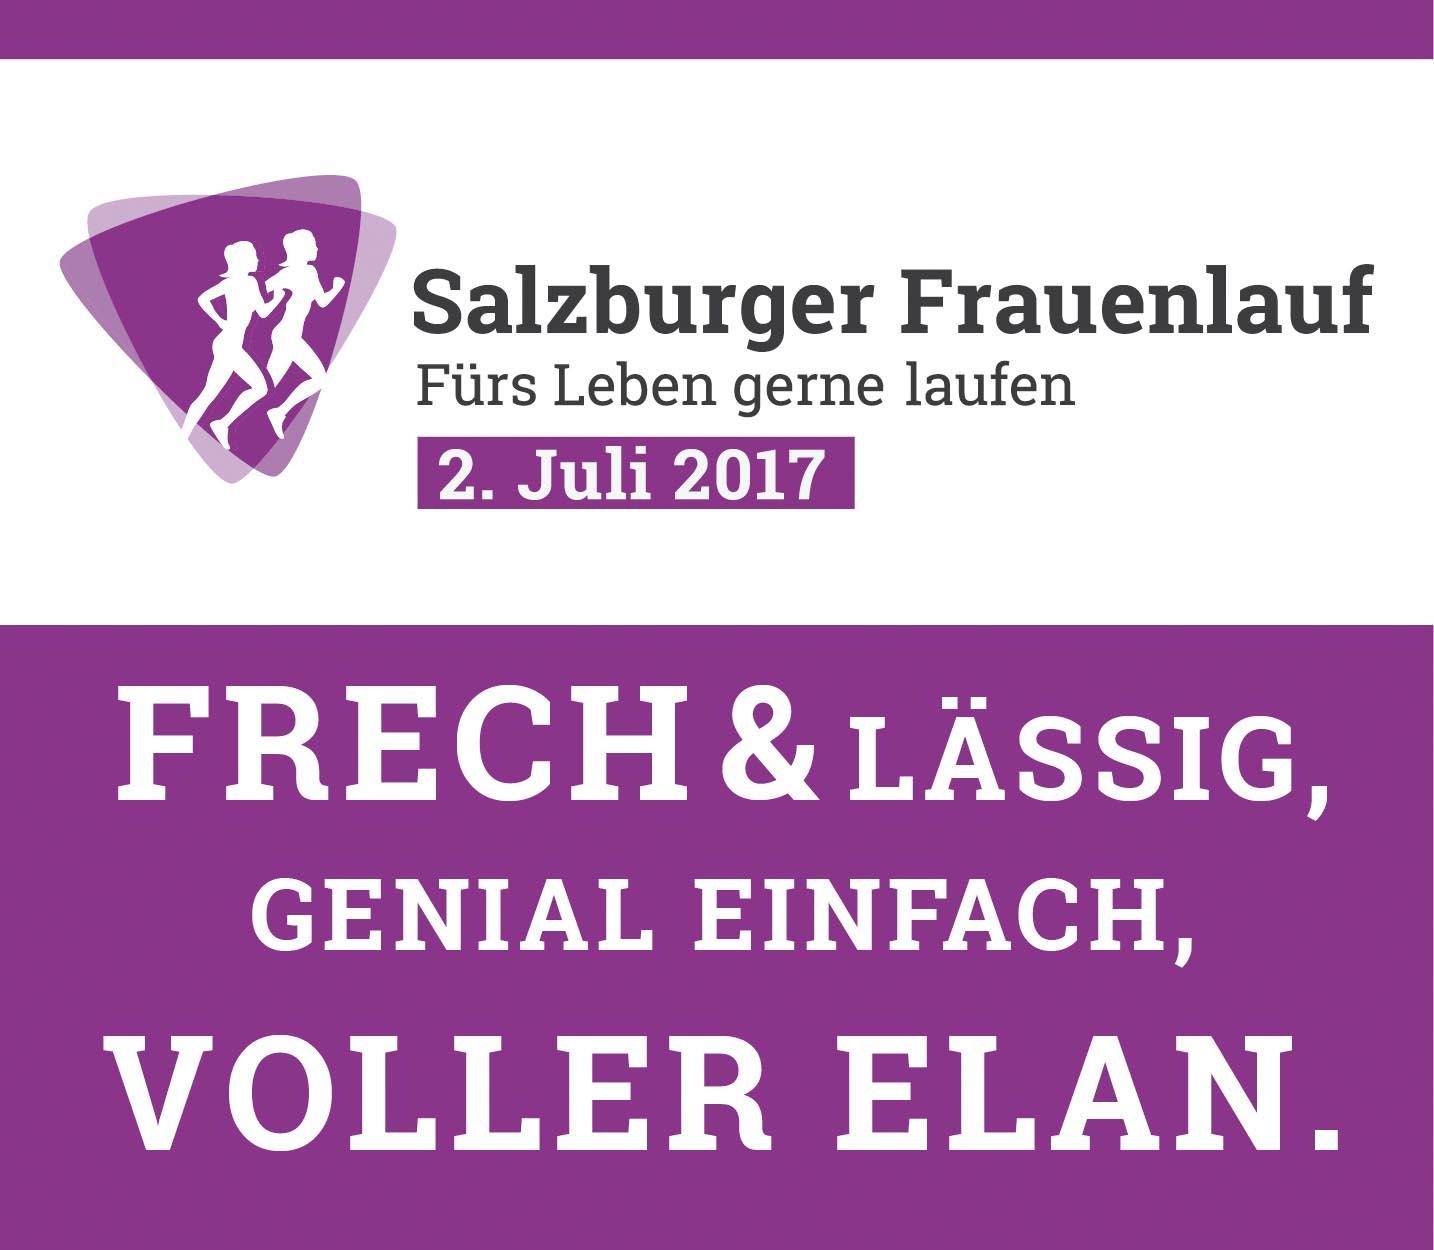 © Salzburger Frauenlauf